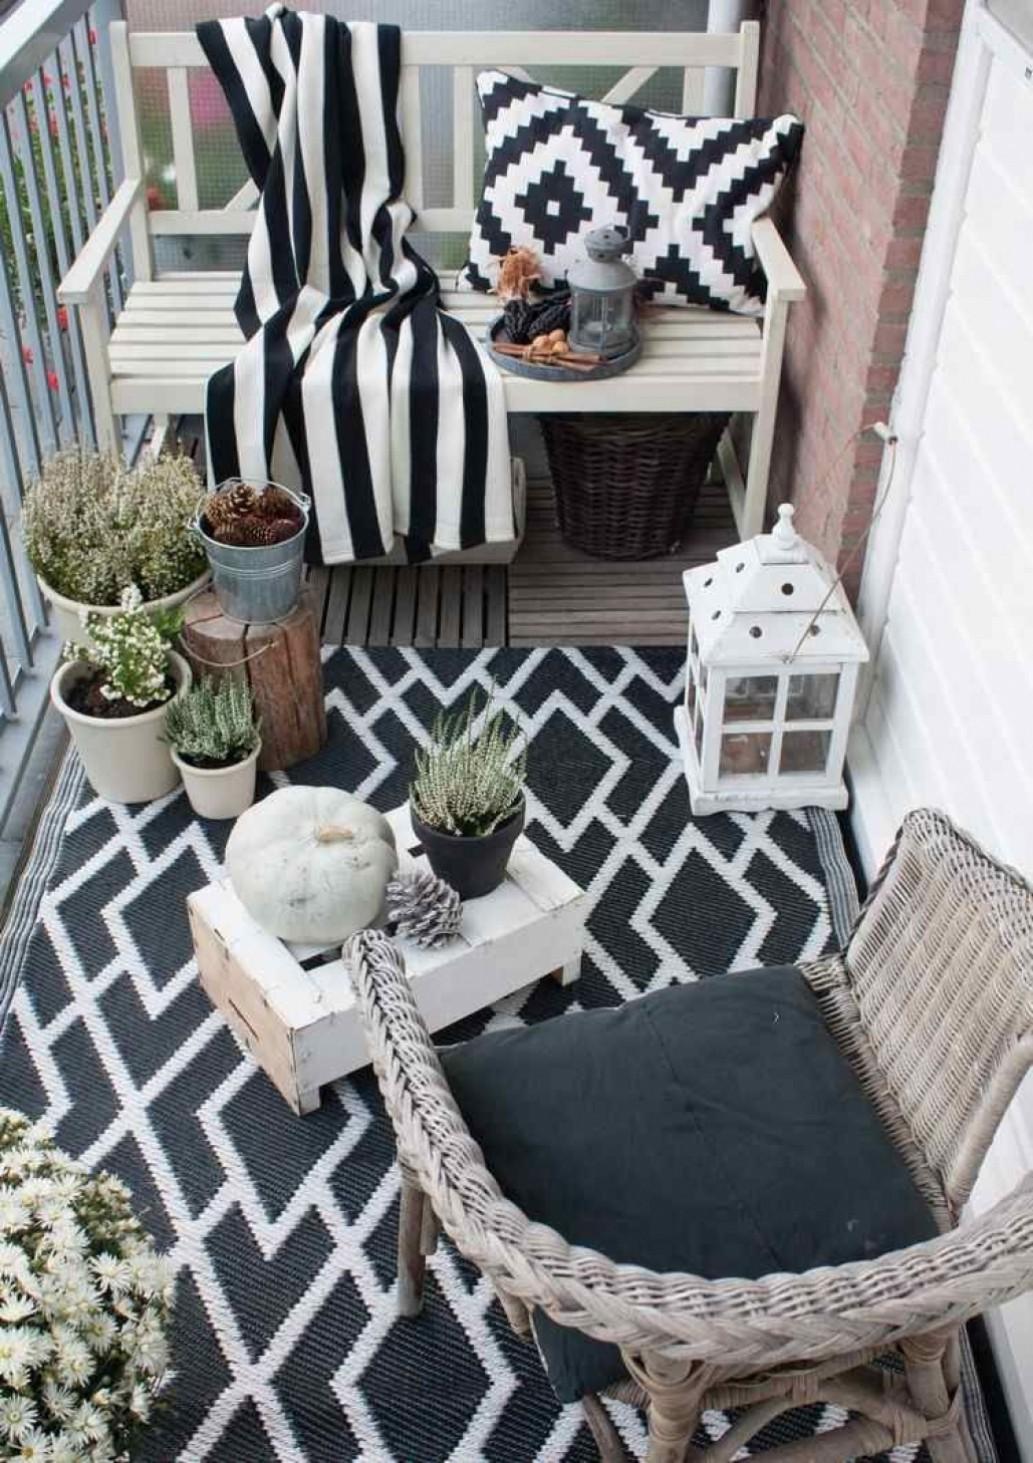 2 cách trang trí ban công đẹp lung linh khiến bạn chỉ muốn ngồi ngay vào khi bước chân về nhà - Ảnh 5.